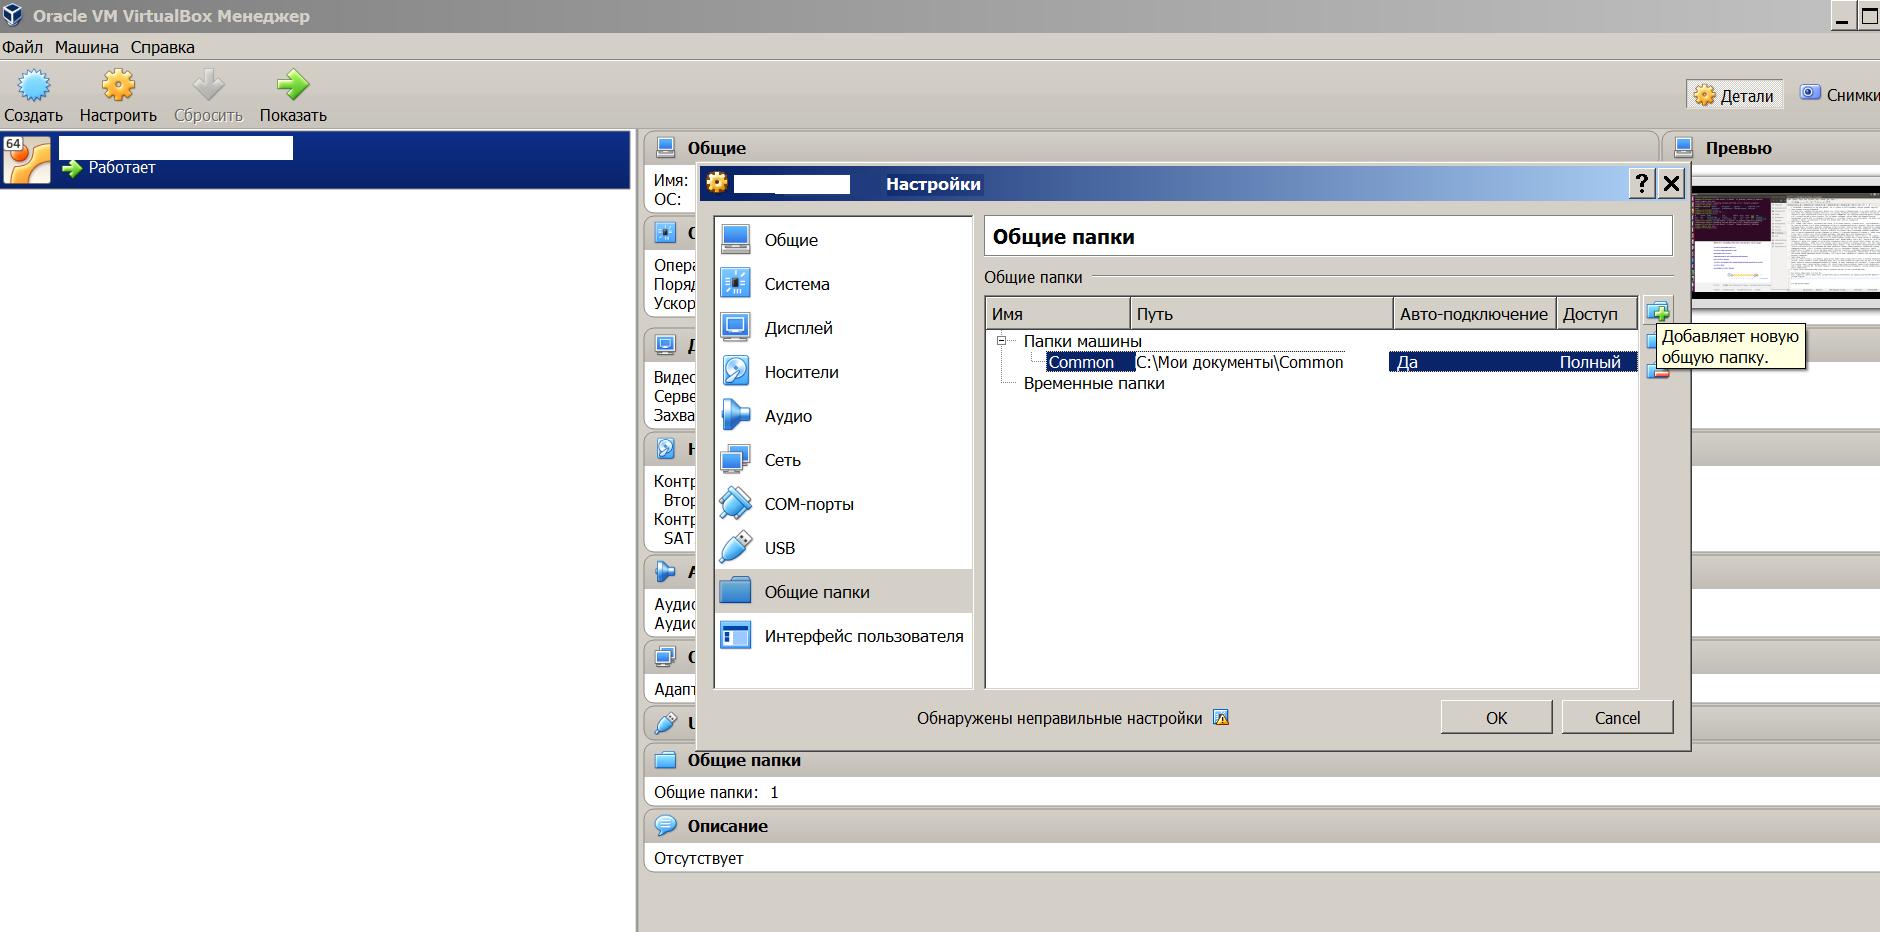 Выбор общей папки в менеджере виртуальной машины Virtual Box